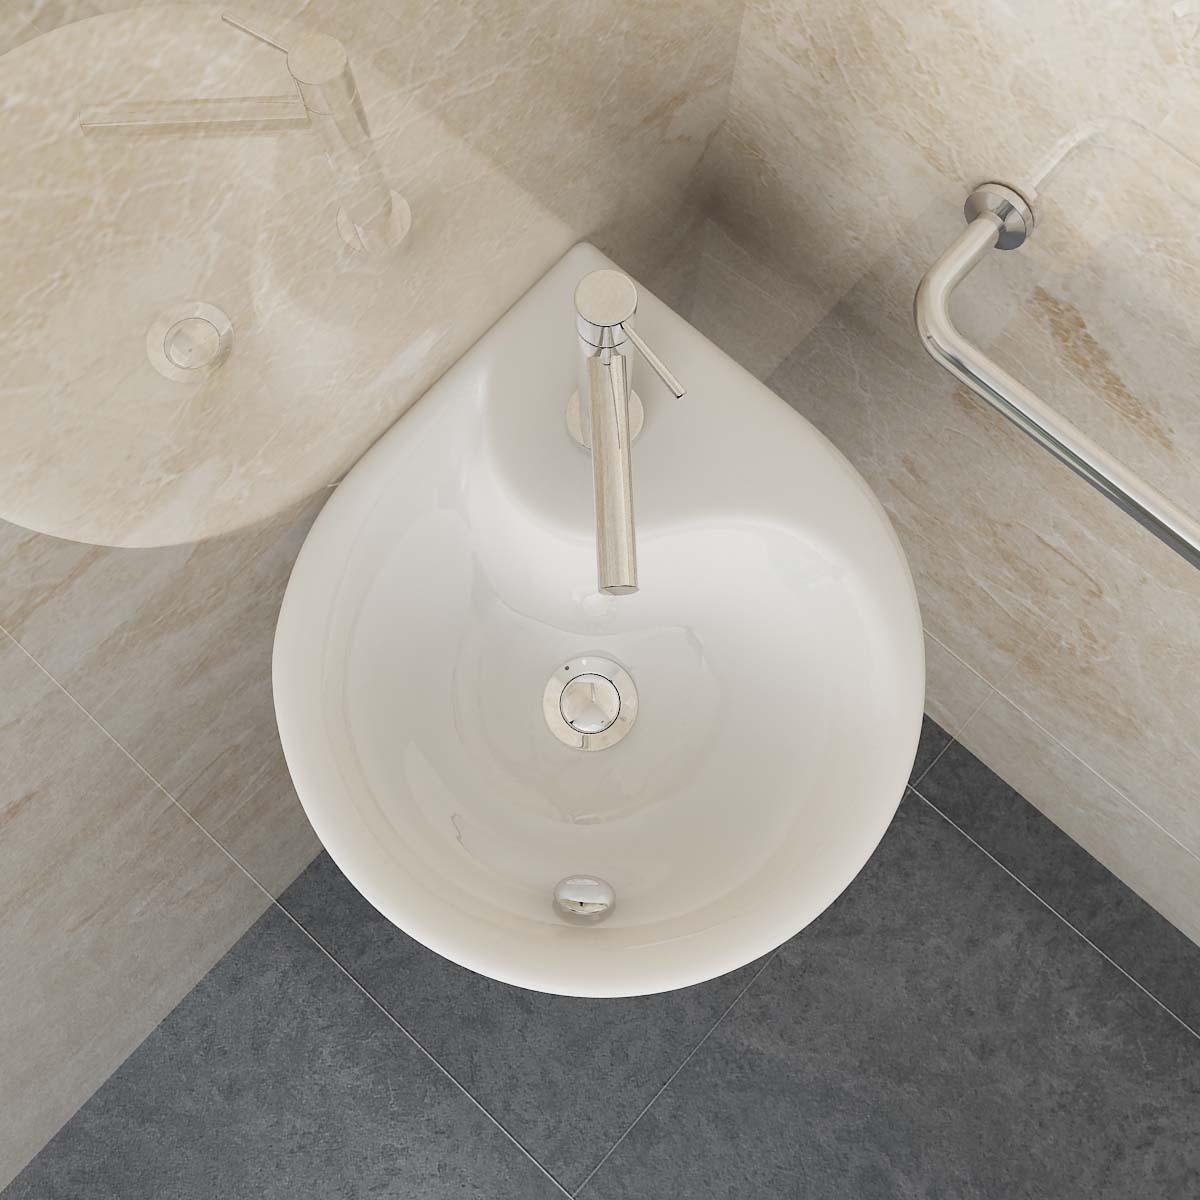 design keramik aufsatz h nge waschbecken ecke wandmontage badezimmer g ste wc 81 ebay. Black Bedroom Furniture Sets. Home Design Ideas